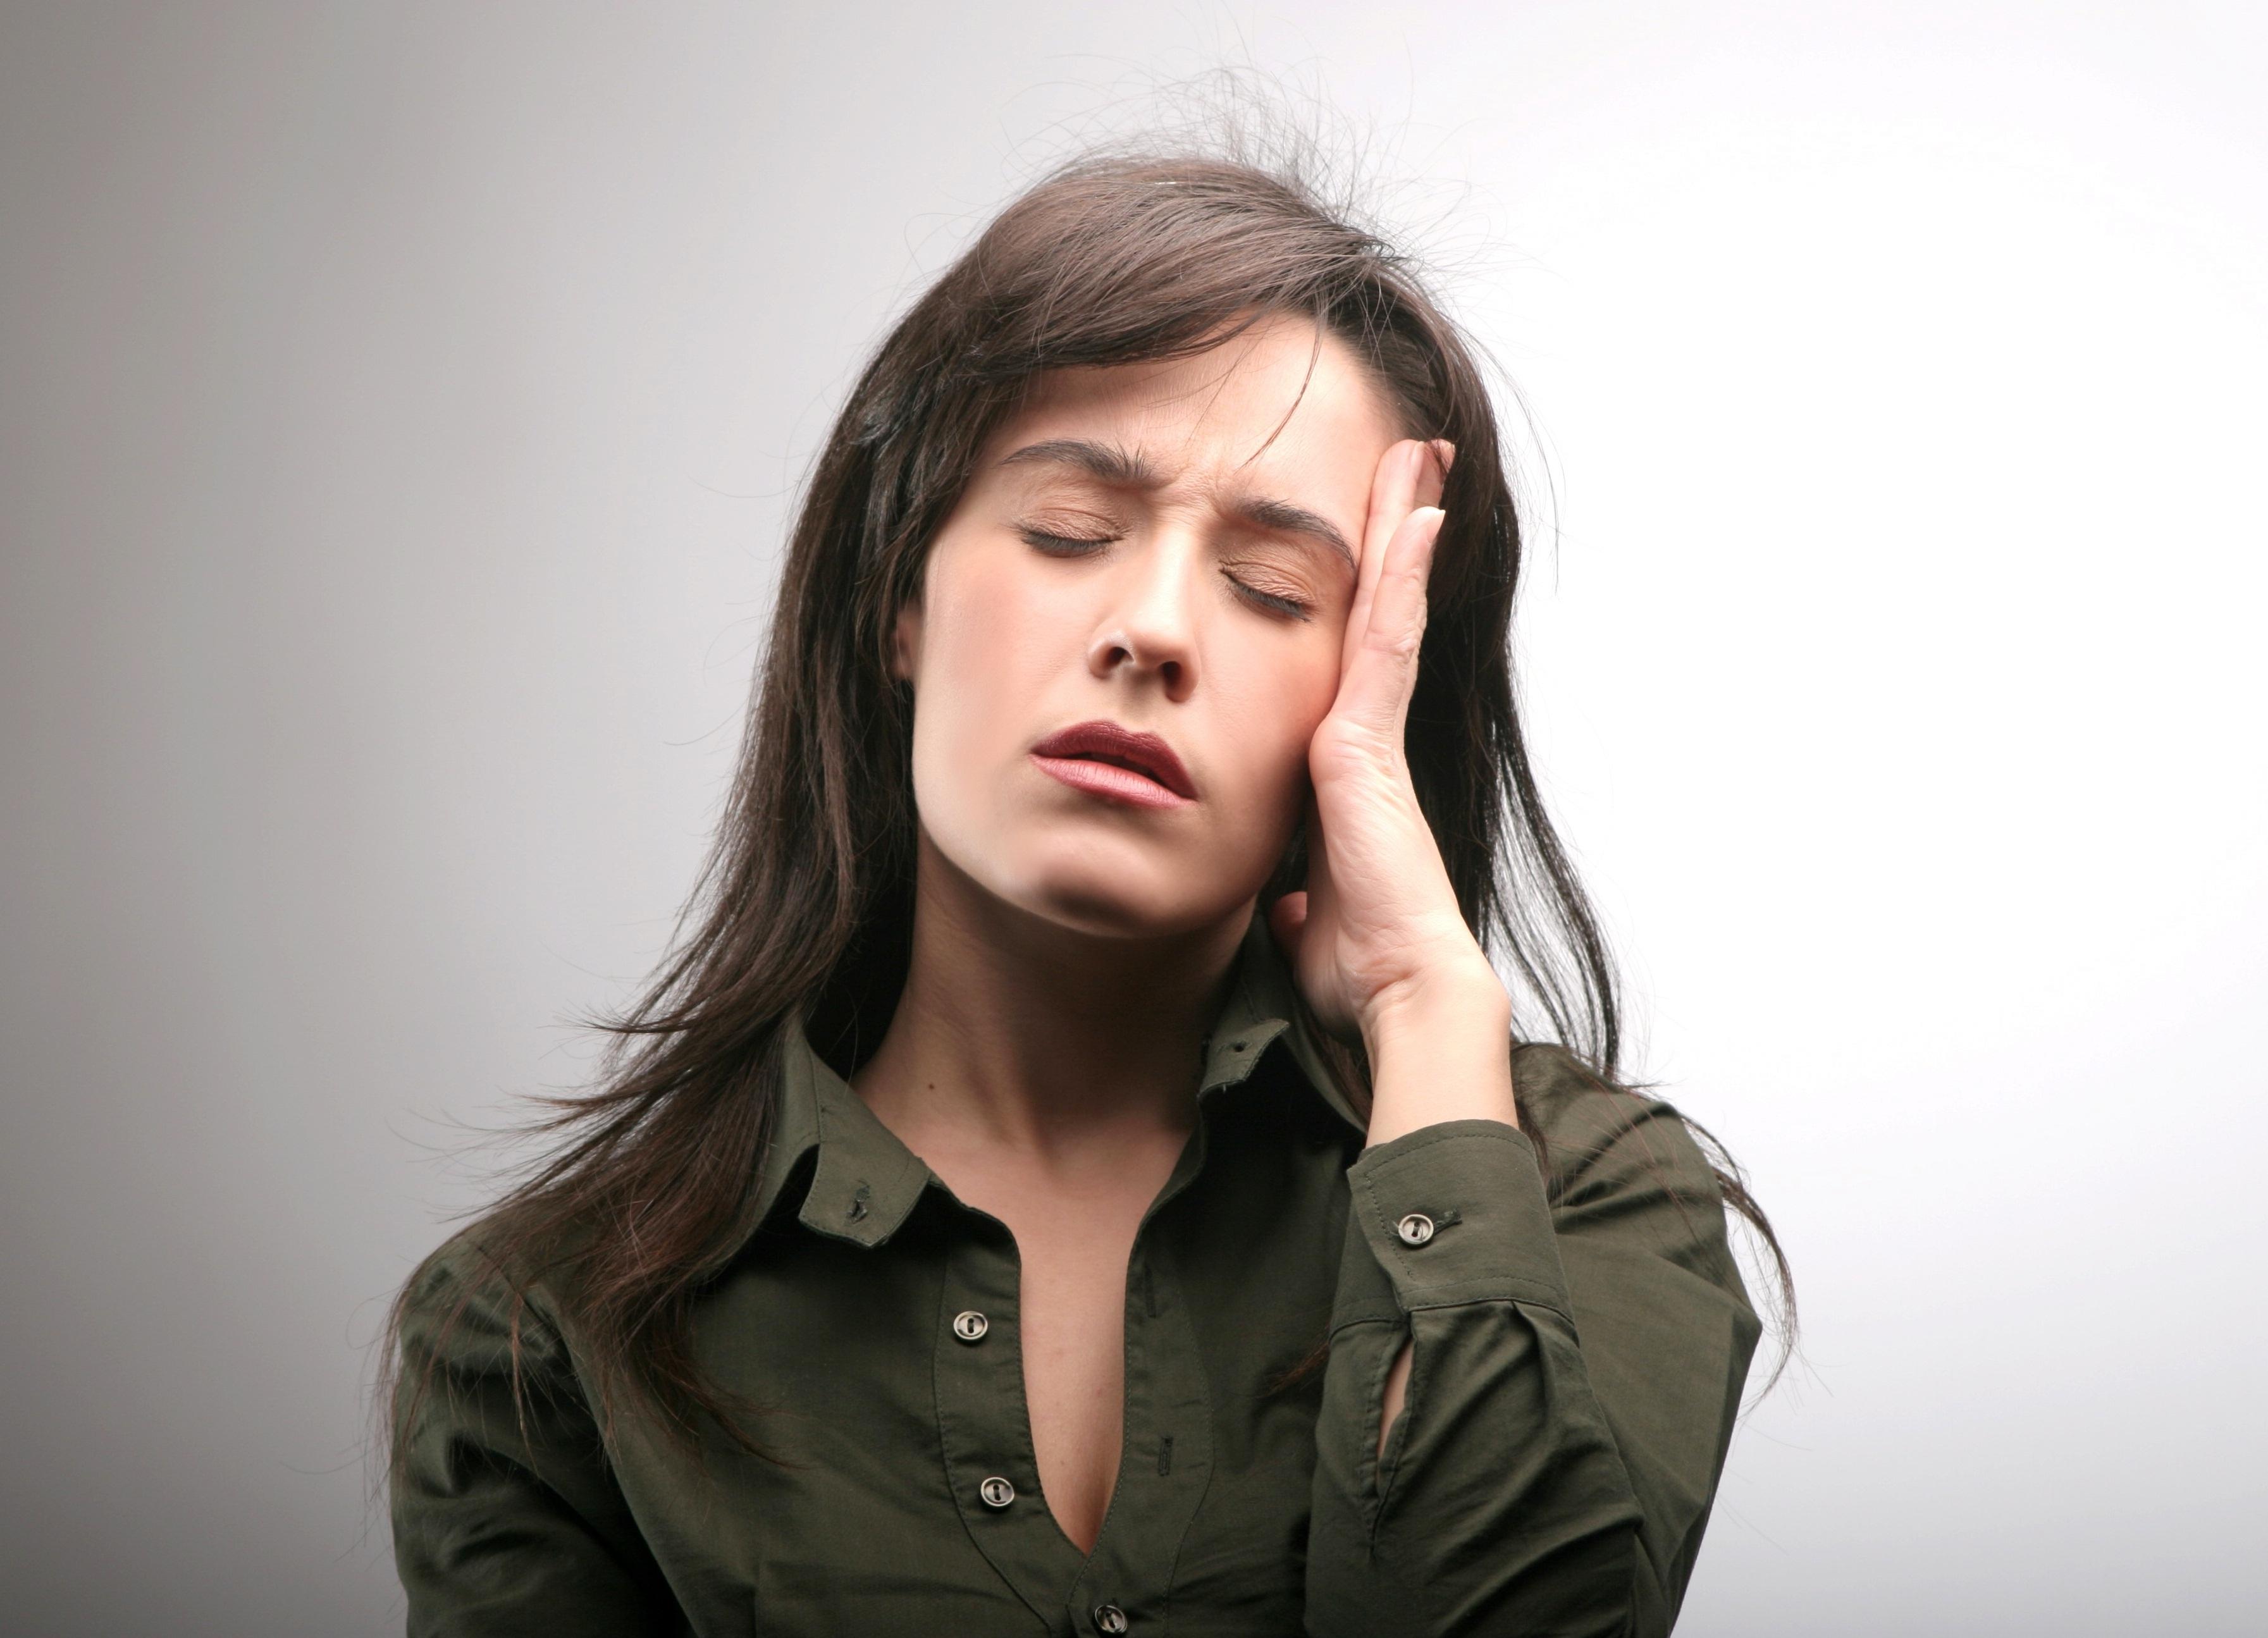 Фибромиалгия лечение народными средствами